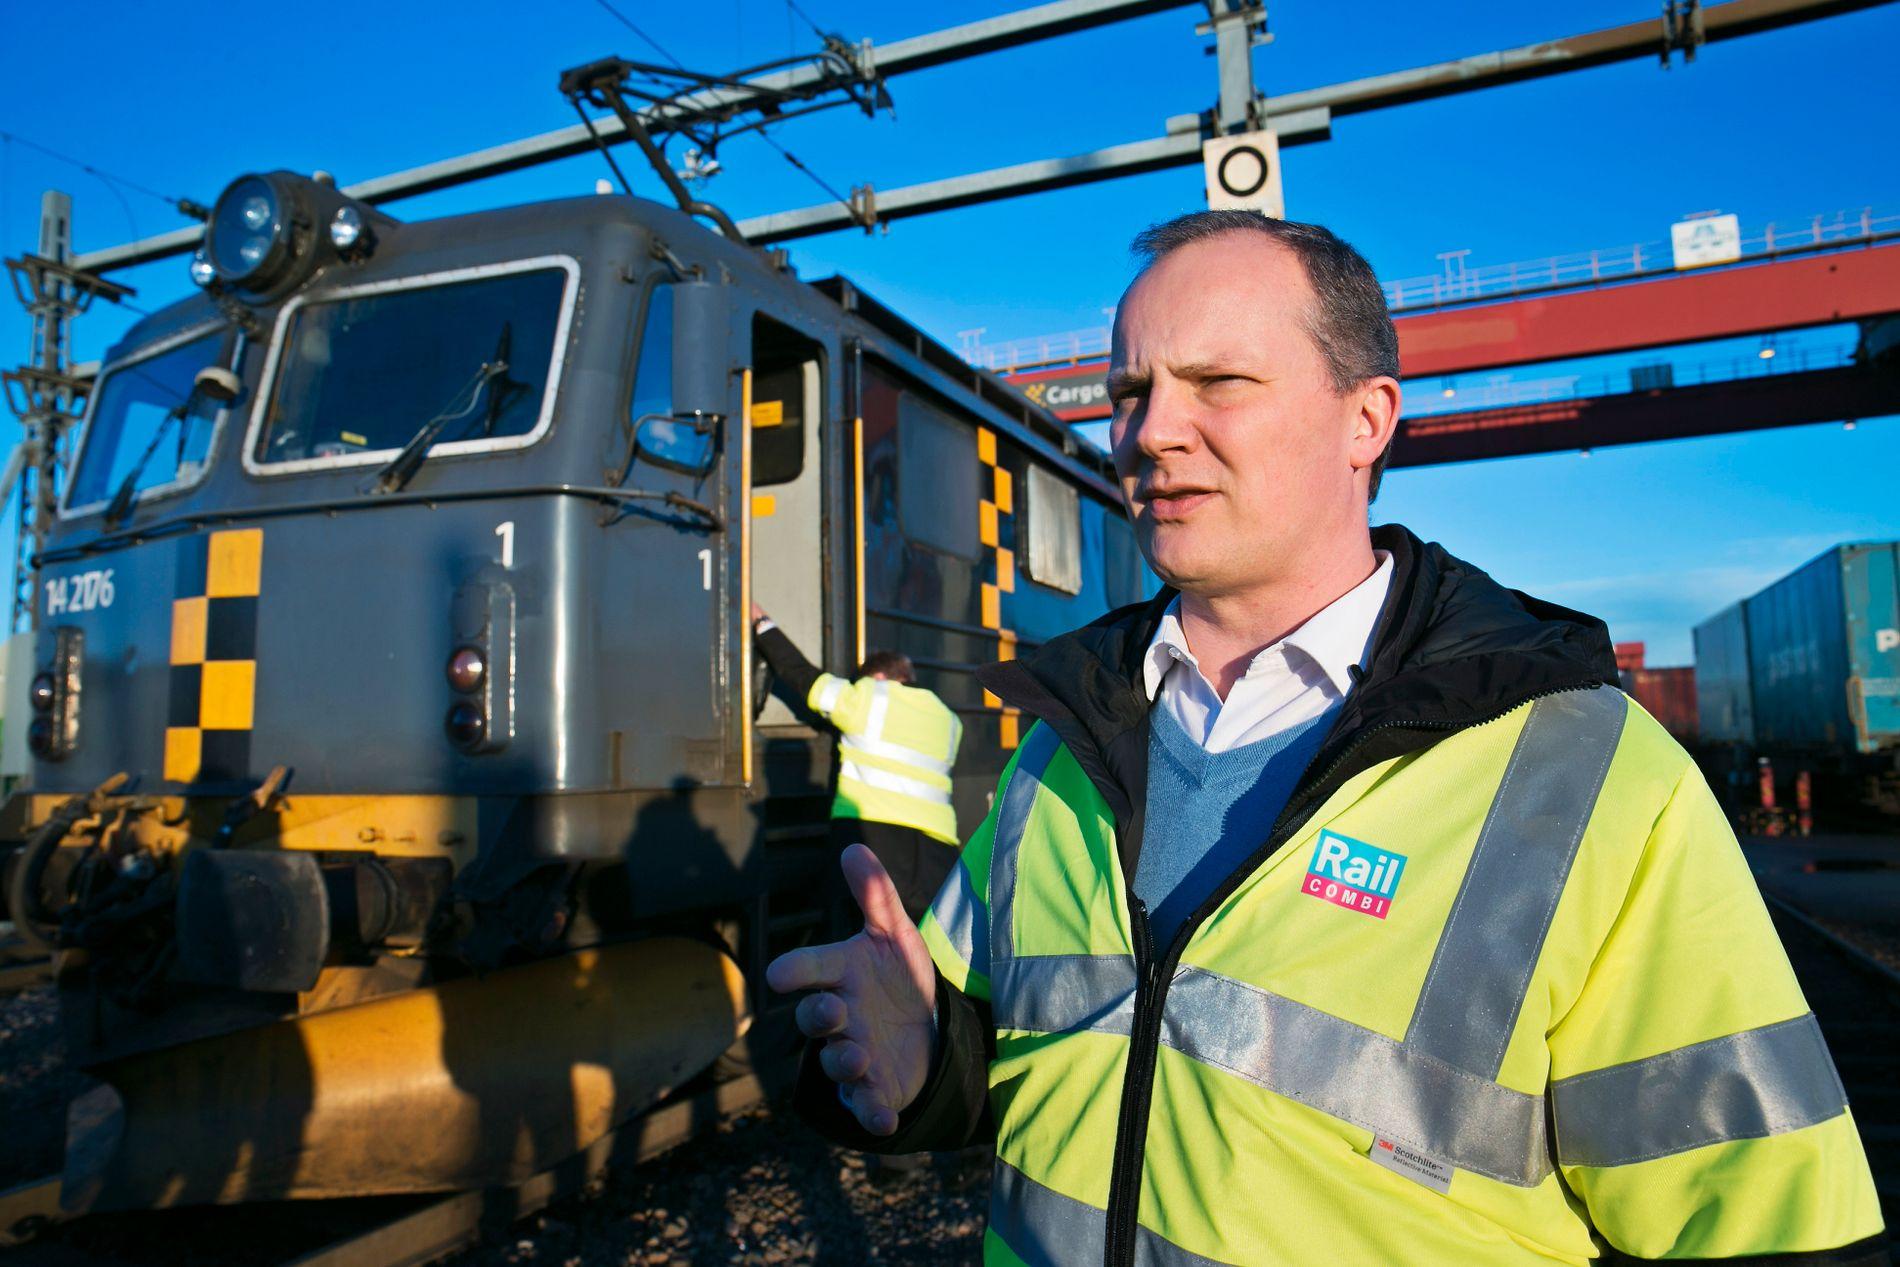 KRITISK:  Samferdselsminister Ketil Solvik-Olsen ble ringt opp av vegdirektør Terje Moe Gustavsen etter VGs avsløringer. Bildet er tatt ved et besøk på Alnabru godsterminal i 2015.